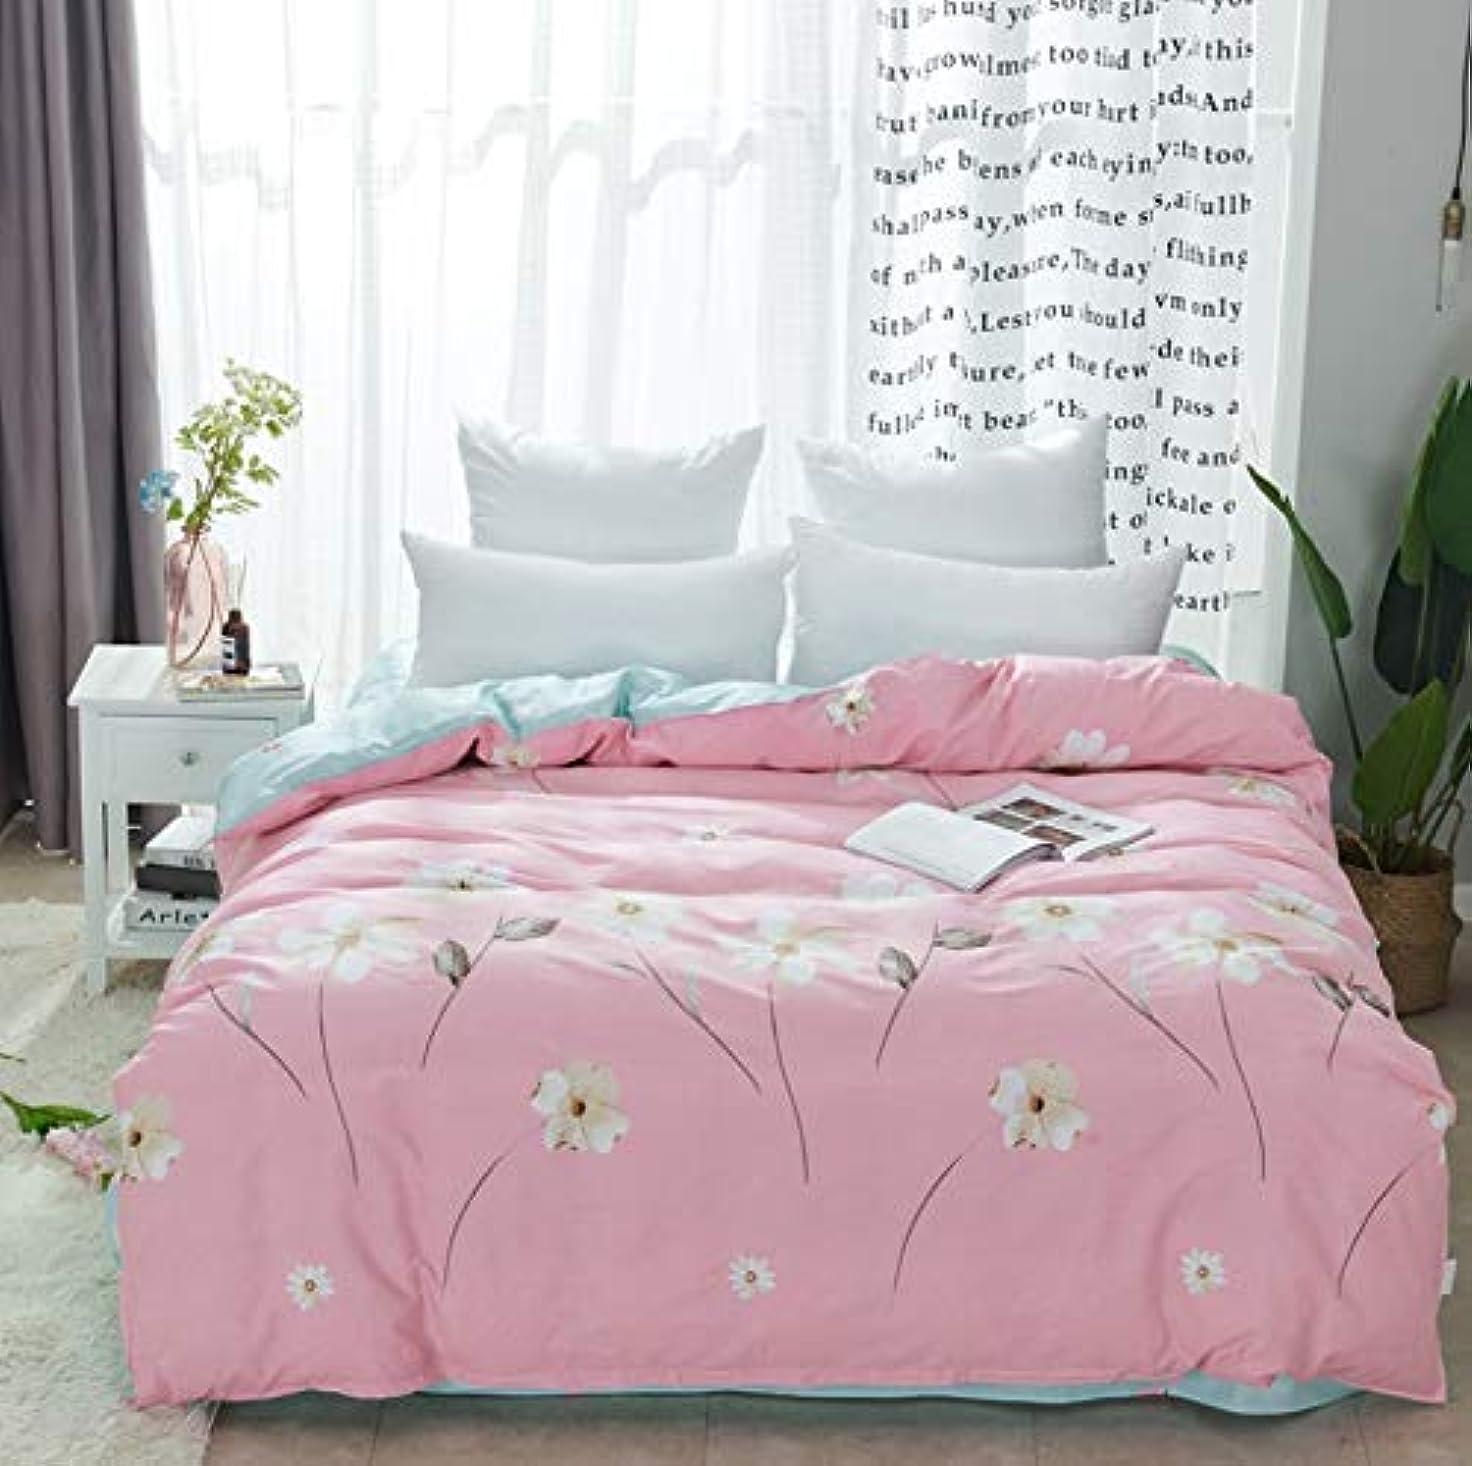 選挙生触覚Jtydj ホームインテリアに適した4つのコットンハイグレード高密度ブラッシングベッドリネンピローケースのベッドのベッドセットの4つのセット (色 : ピンク, サイズ : 150CM)